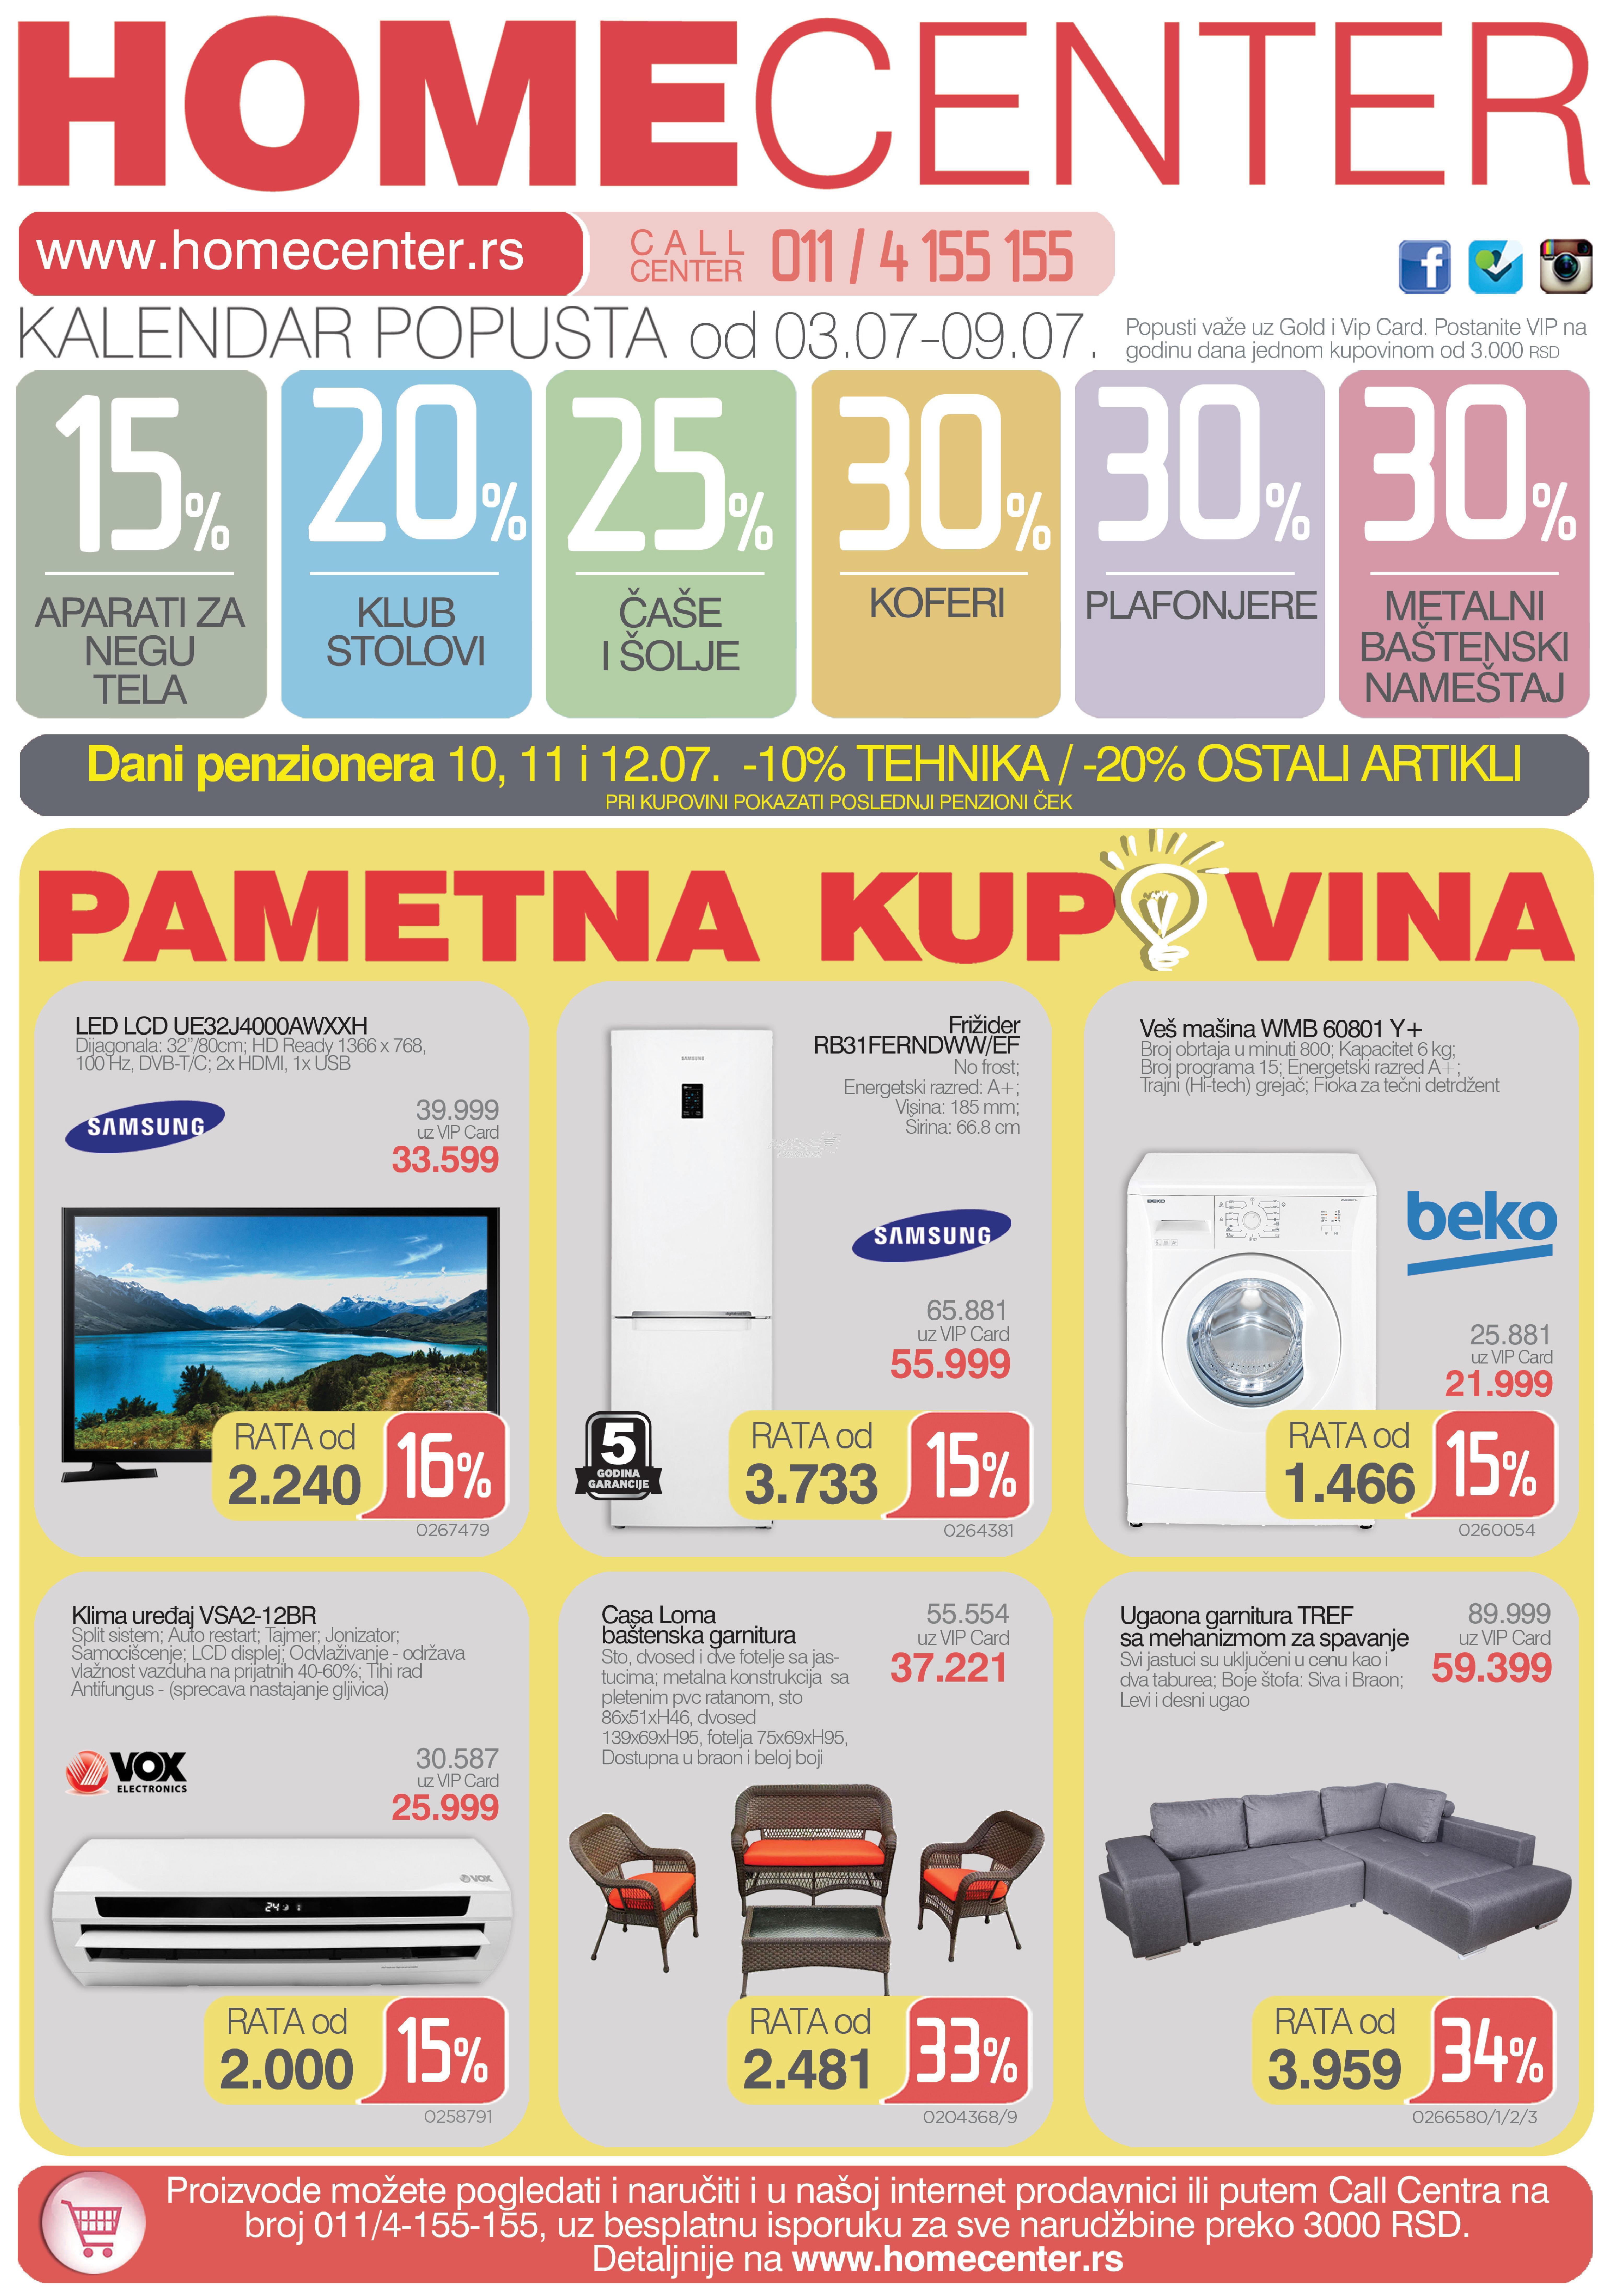 Home Centar akcija nedeljne kupovine